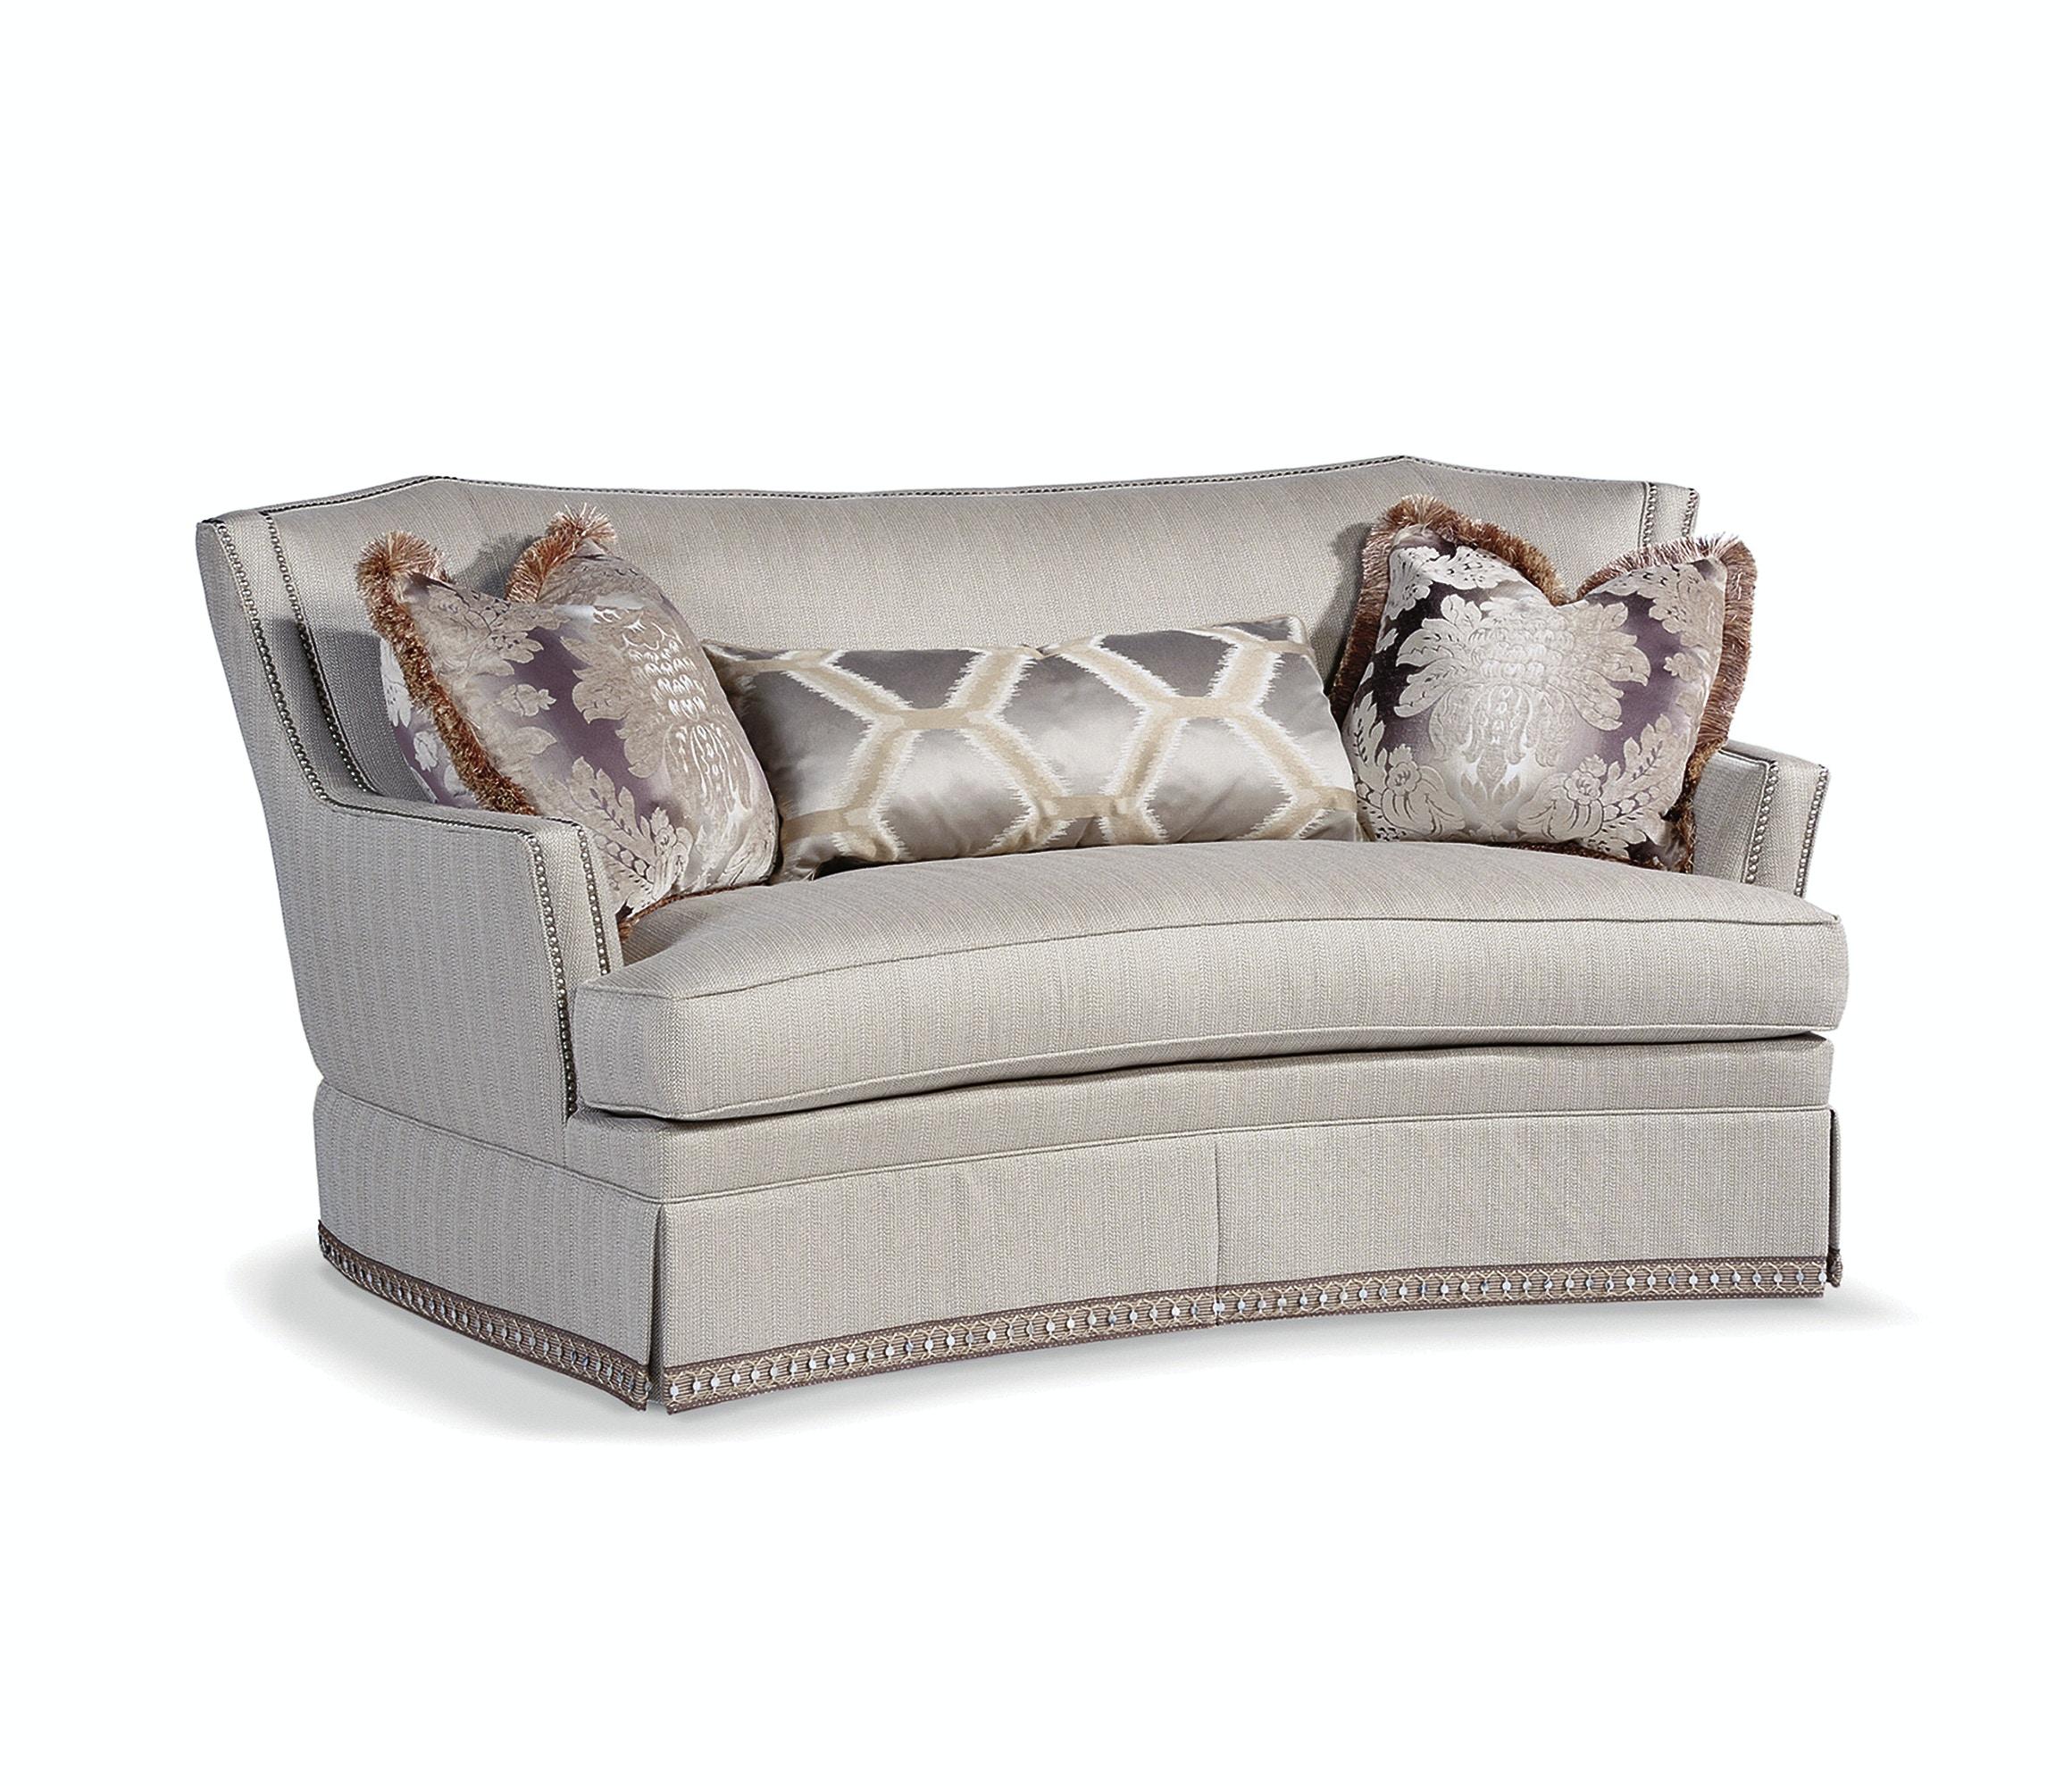 1312 03. Gossamer Sofa · 1312 03 · Taylor King Furniture